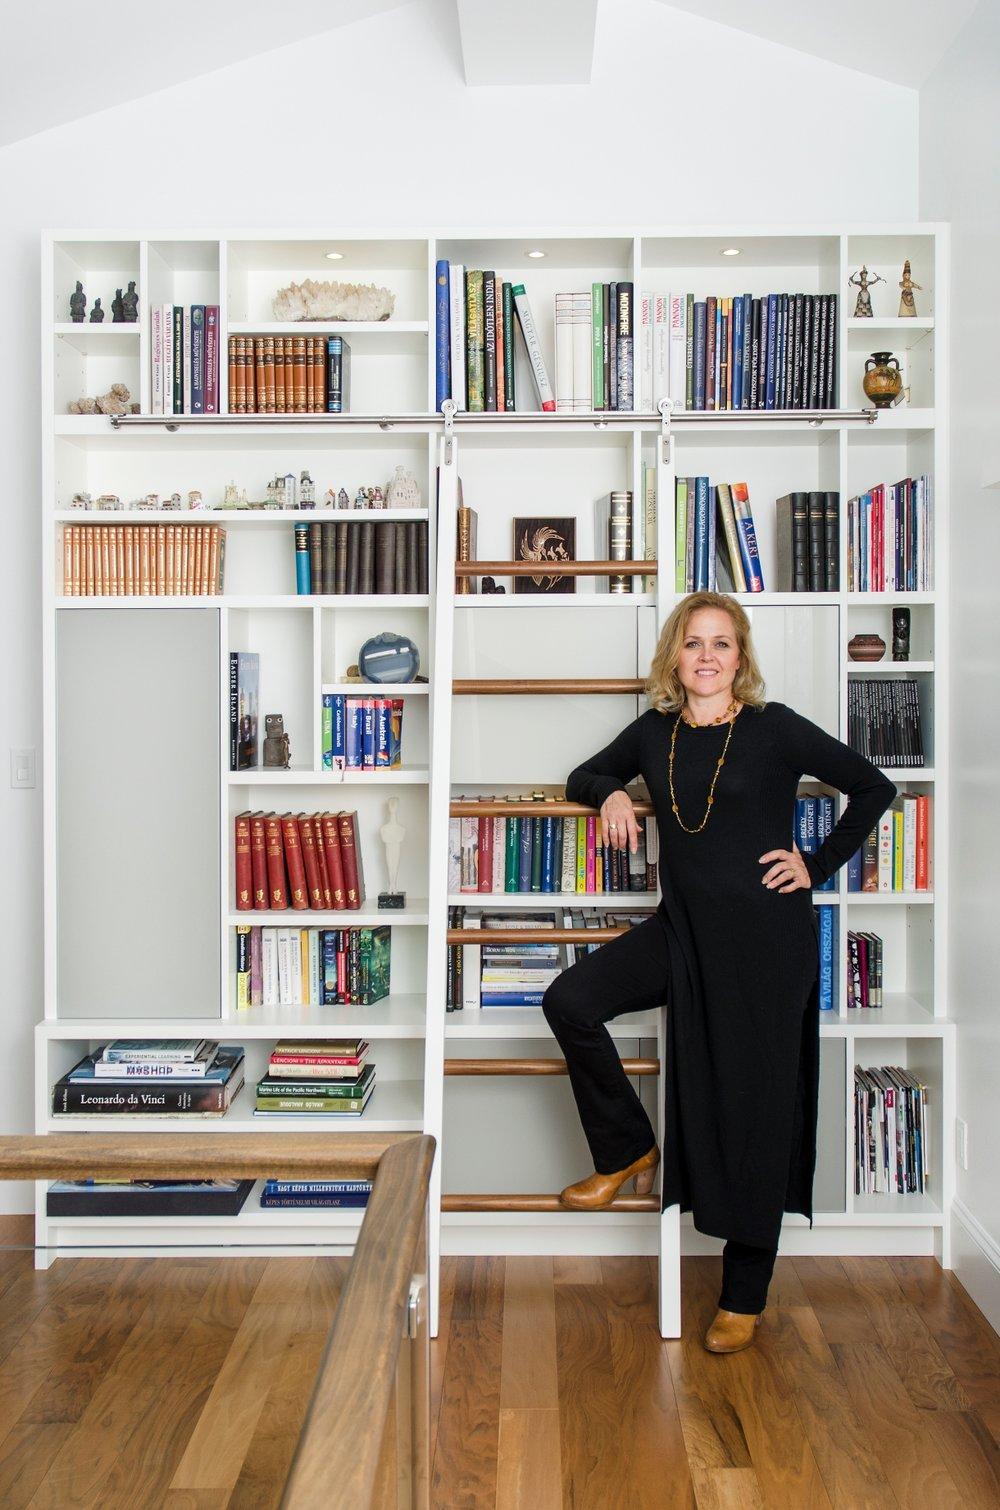 Marlene bourque - FOUNDER, OWNER & INTERIOR DESIGNER